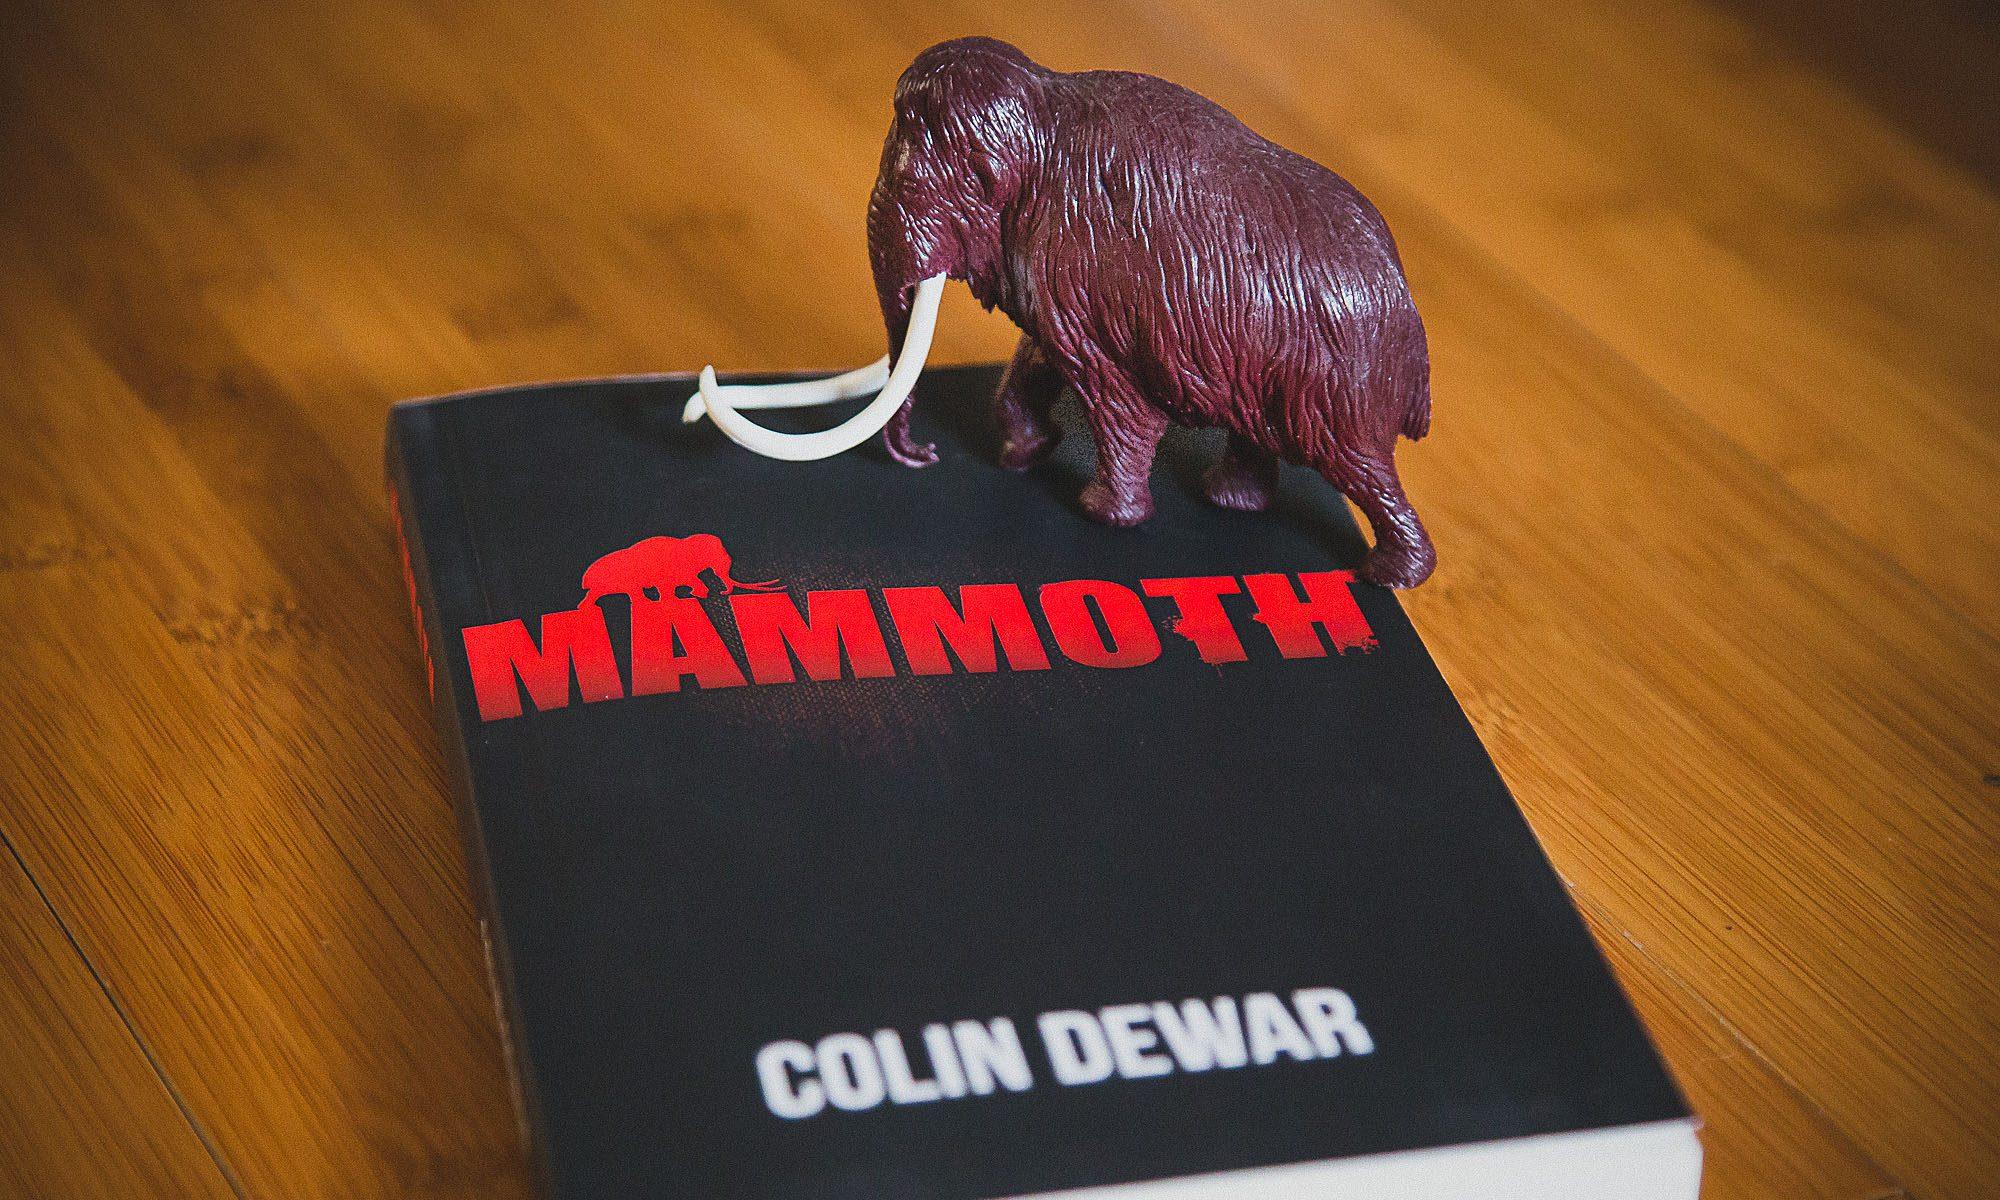 Colin Dewar